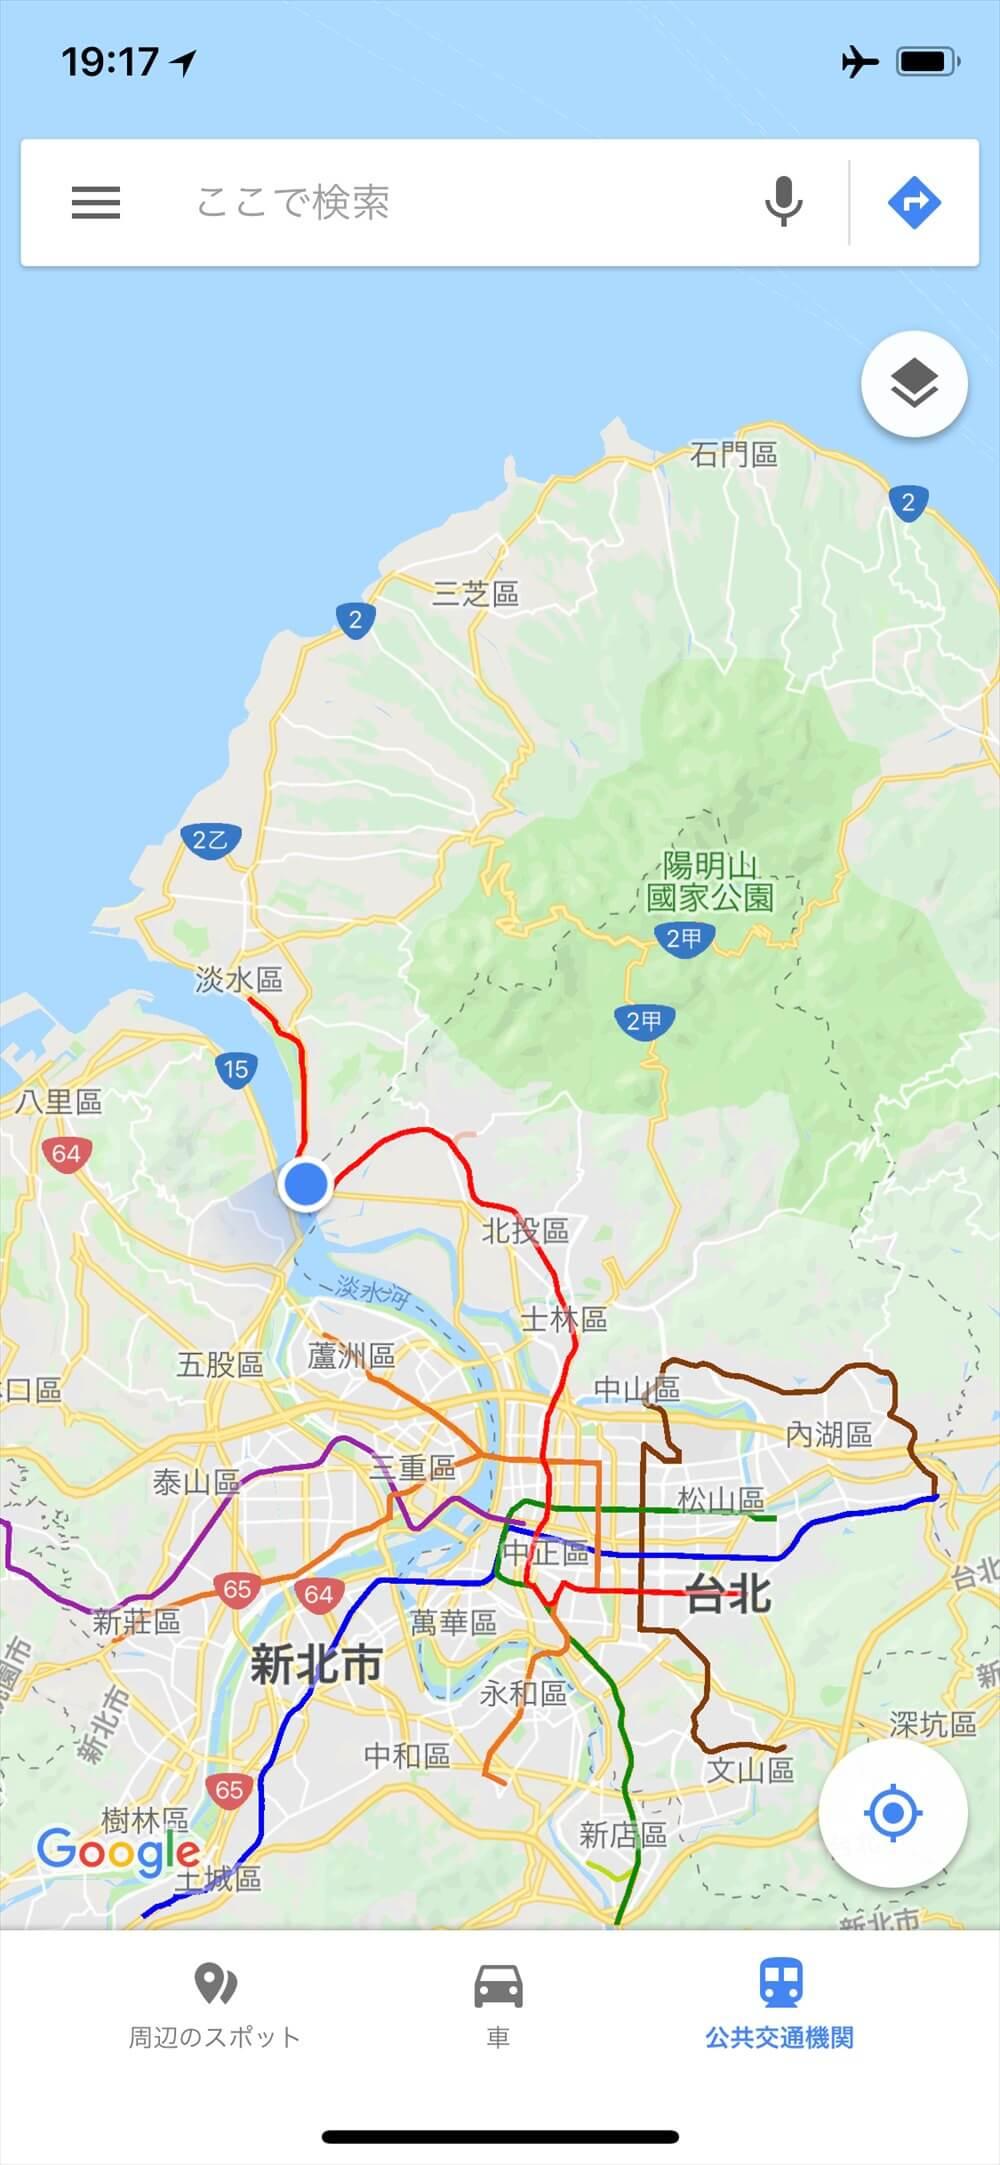 台北市上空のキャセイパシフィック航空(CX549)